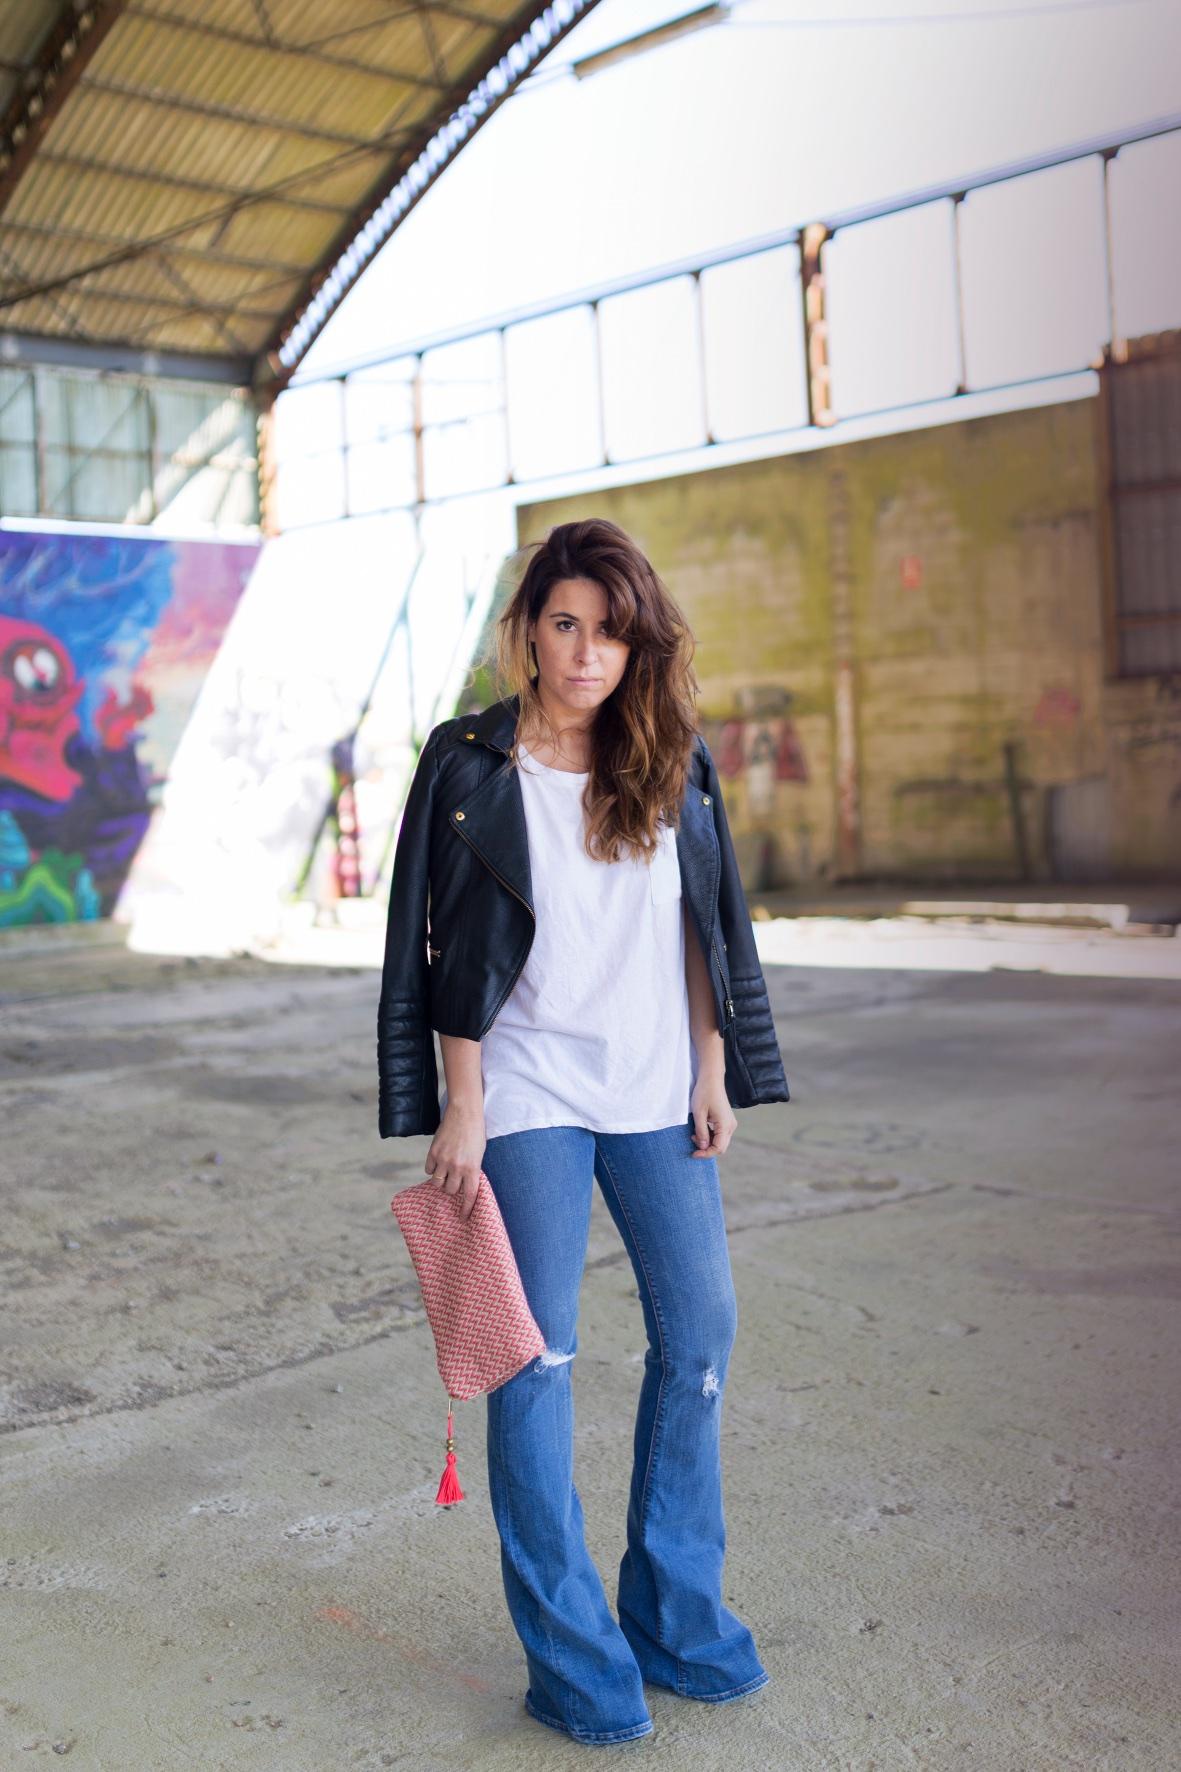 coruña-alba cuesta-fashion- lo en las nubes- clutch-la letra escarlata -descalzaporelparque - zara -style - blogger